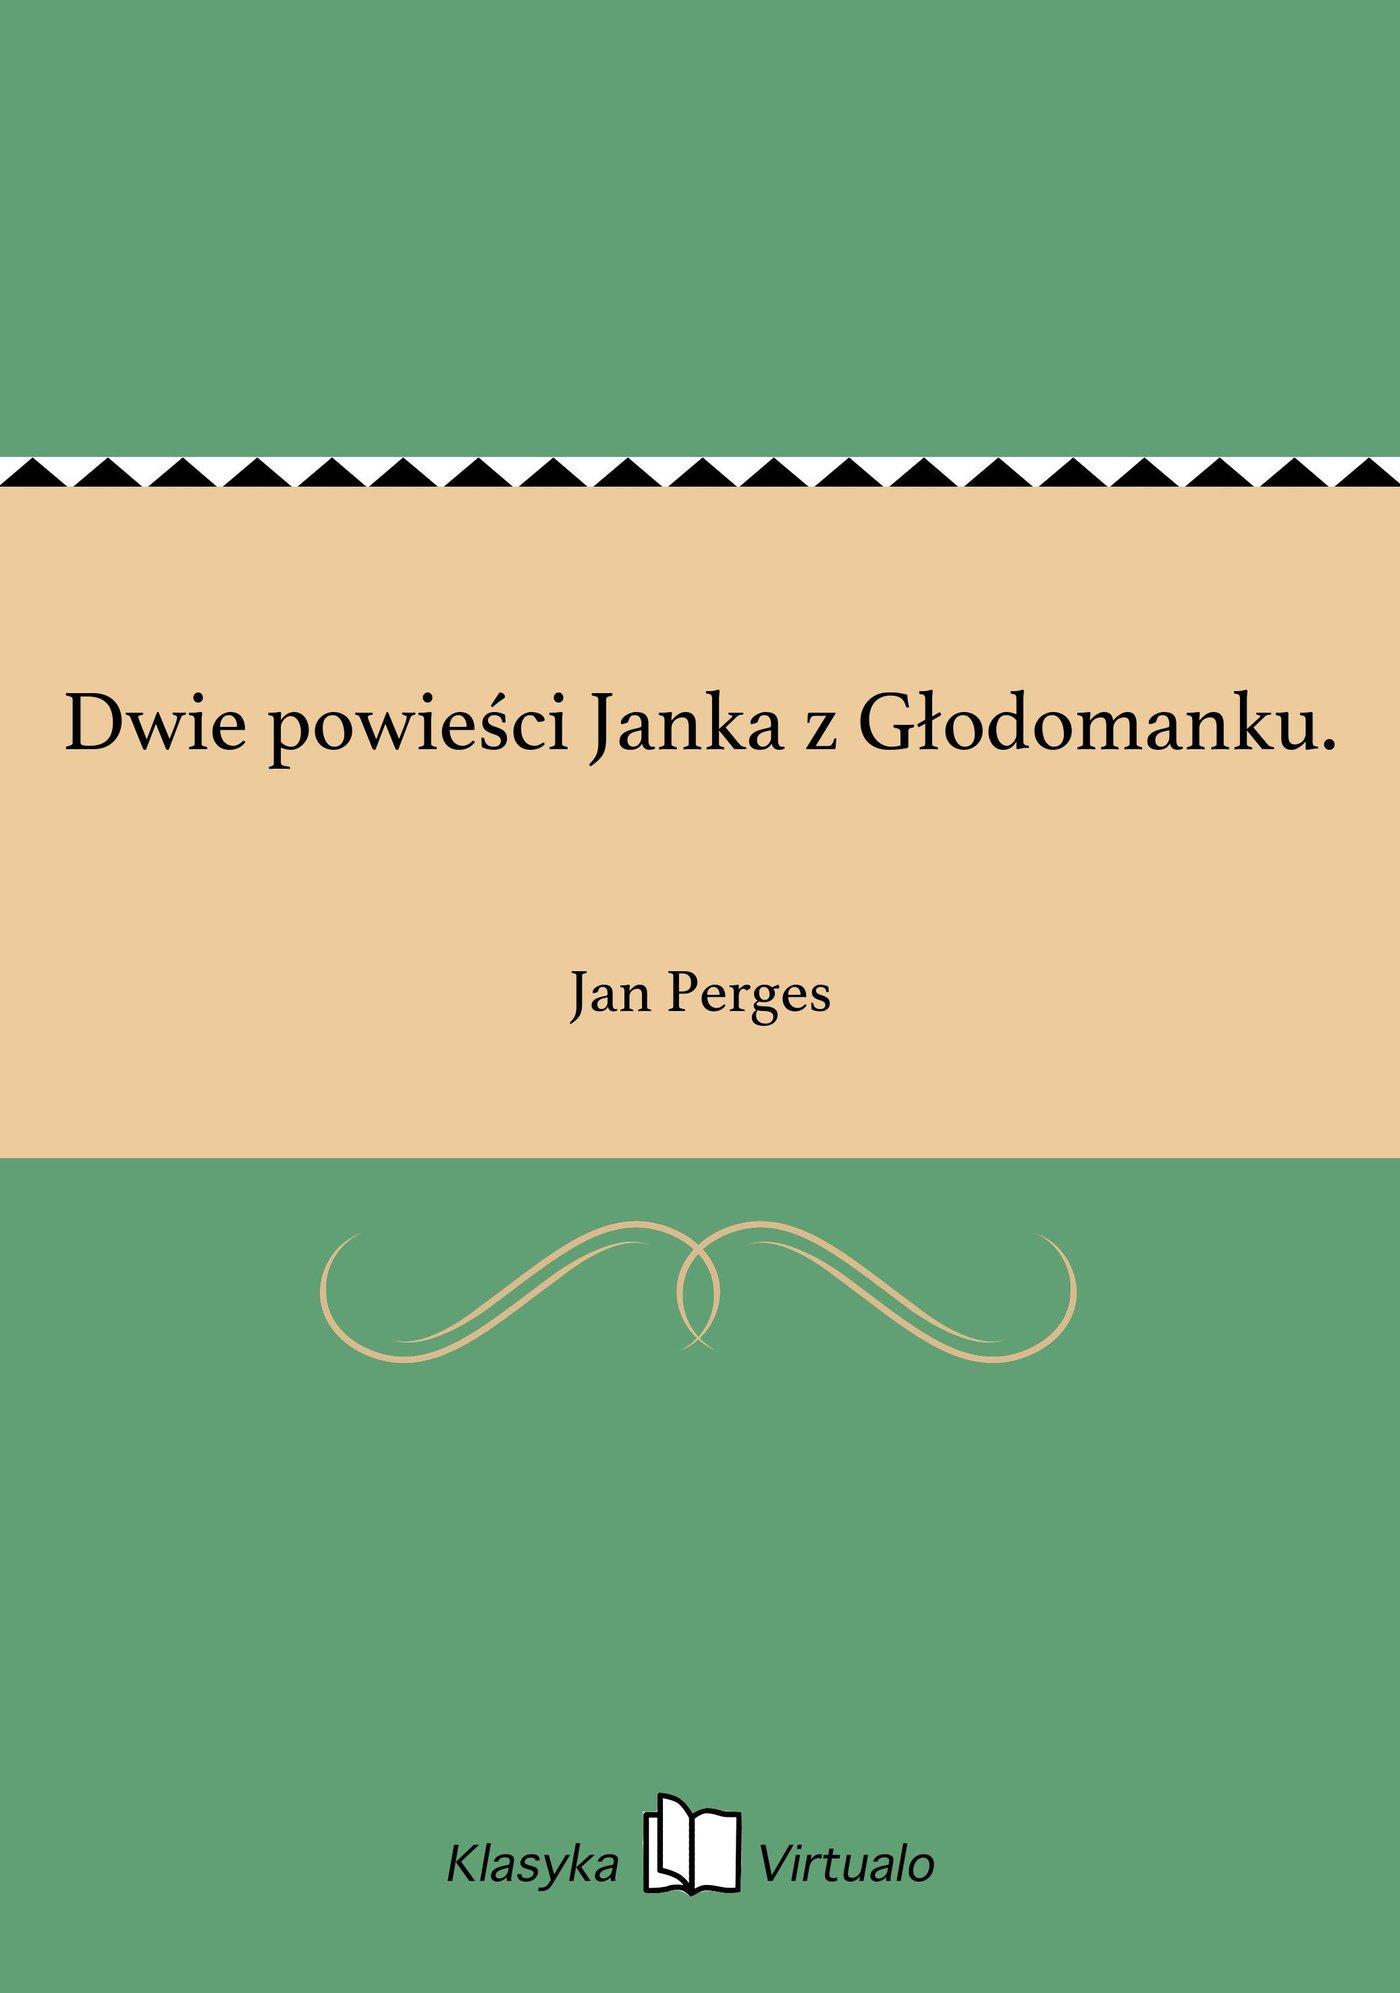 Dwie powieści Janka z Głodomanku. - Ebook (Książka EPUB) do pobrania w formacie EPUB